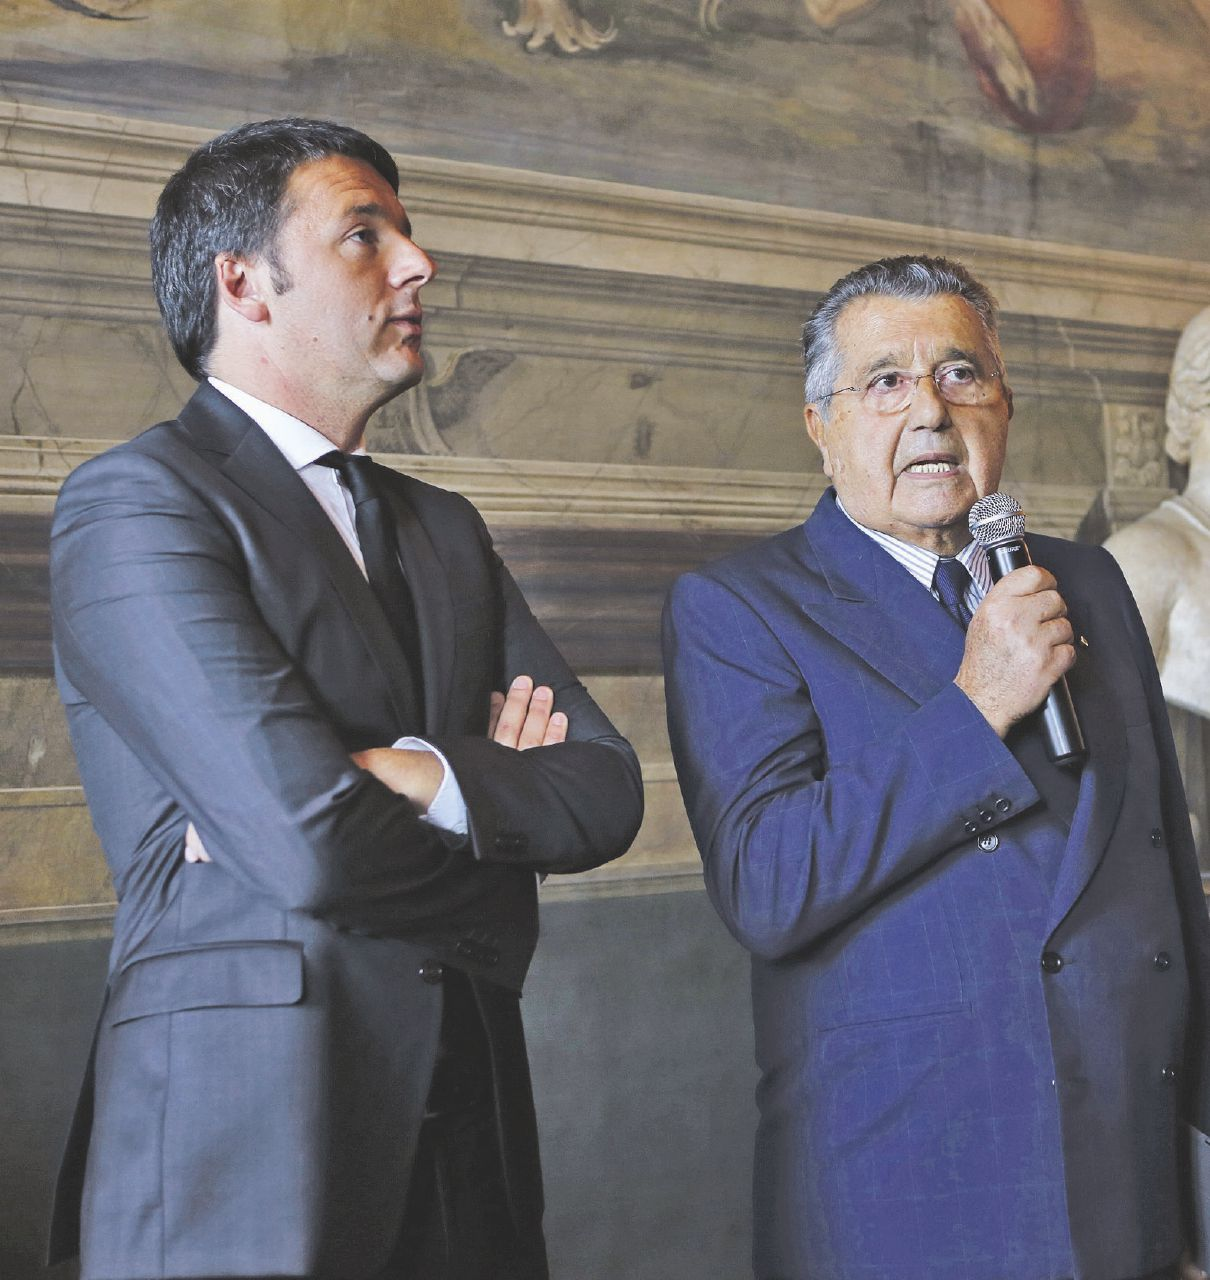 In Edicola sul Fatto dell'11 gennaio. Renzi&De Benedetti: le bugie che tutti fingono di non vedere